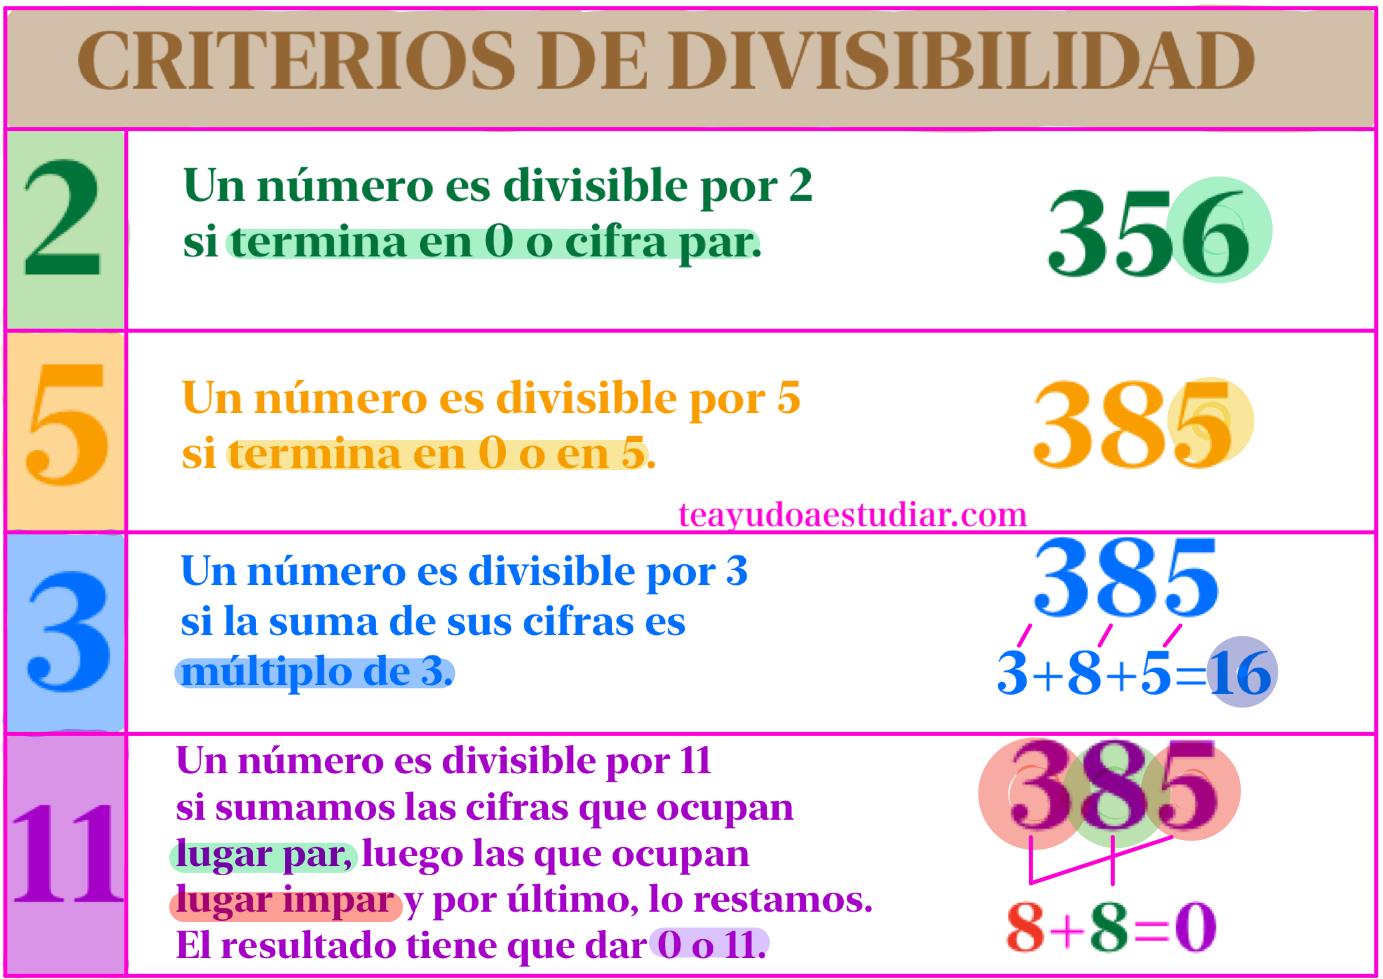 38F42AB5-ECFF-4205-8F50-4C7F0A88744D